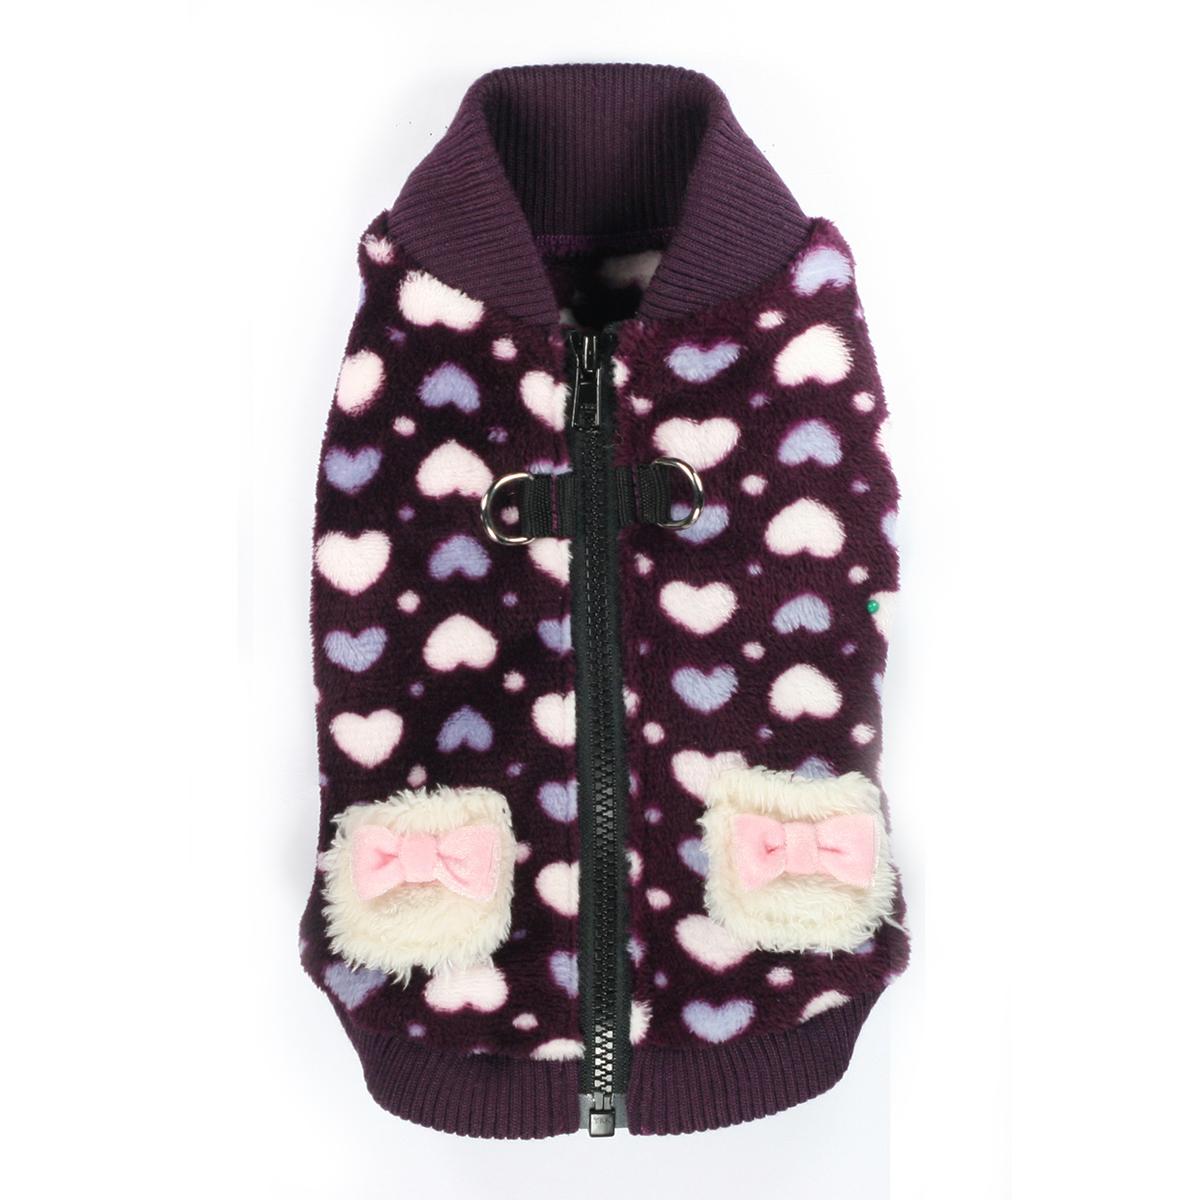 Soft Purple Heart Dog Vest by Hip Doggie